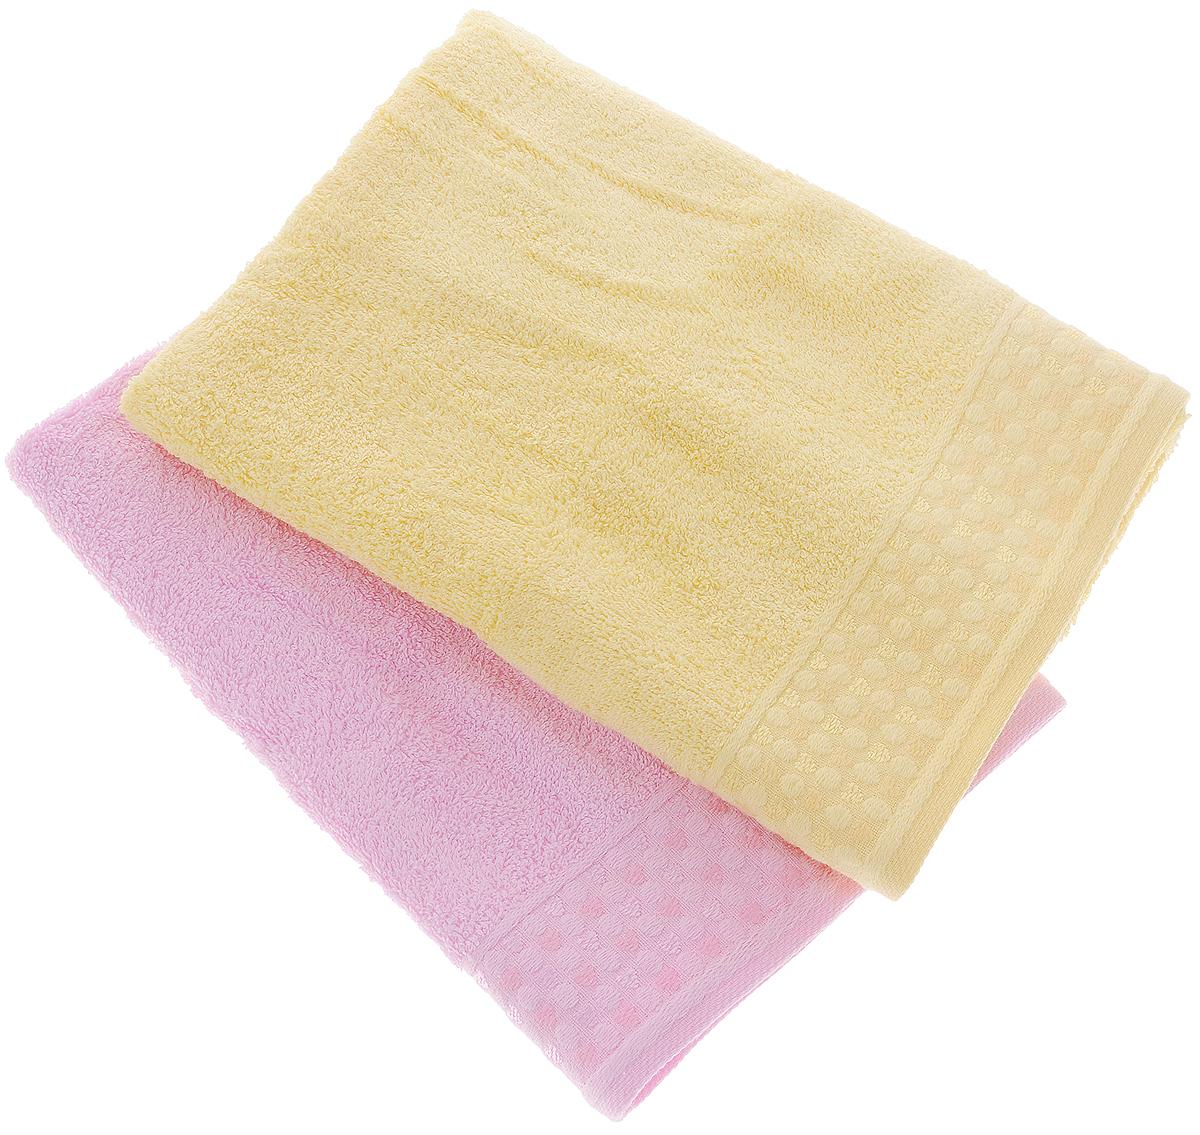 Набор полотенец Tete-a-Tete Сердечки, цвет: розовый, желтый, 50 х 90 см, 2 шт набор полотенец tete a tete сердечки цвет желтый бирюза 50 х 90 см 2 шт